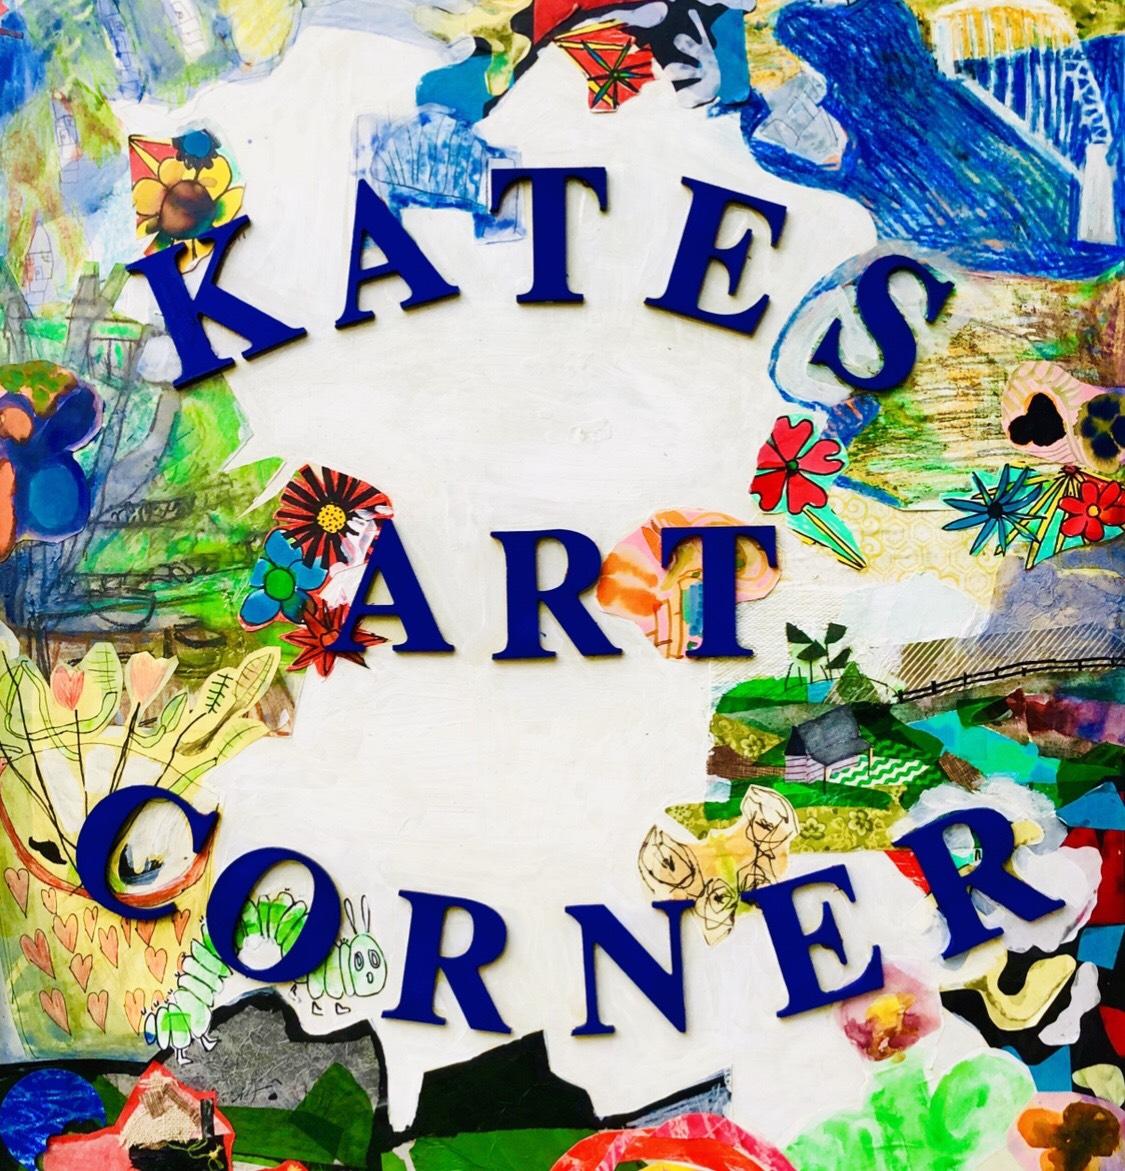 Kate's Art Corner